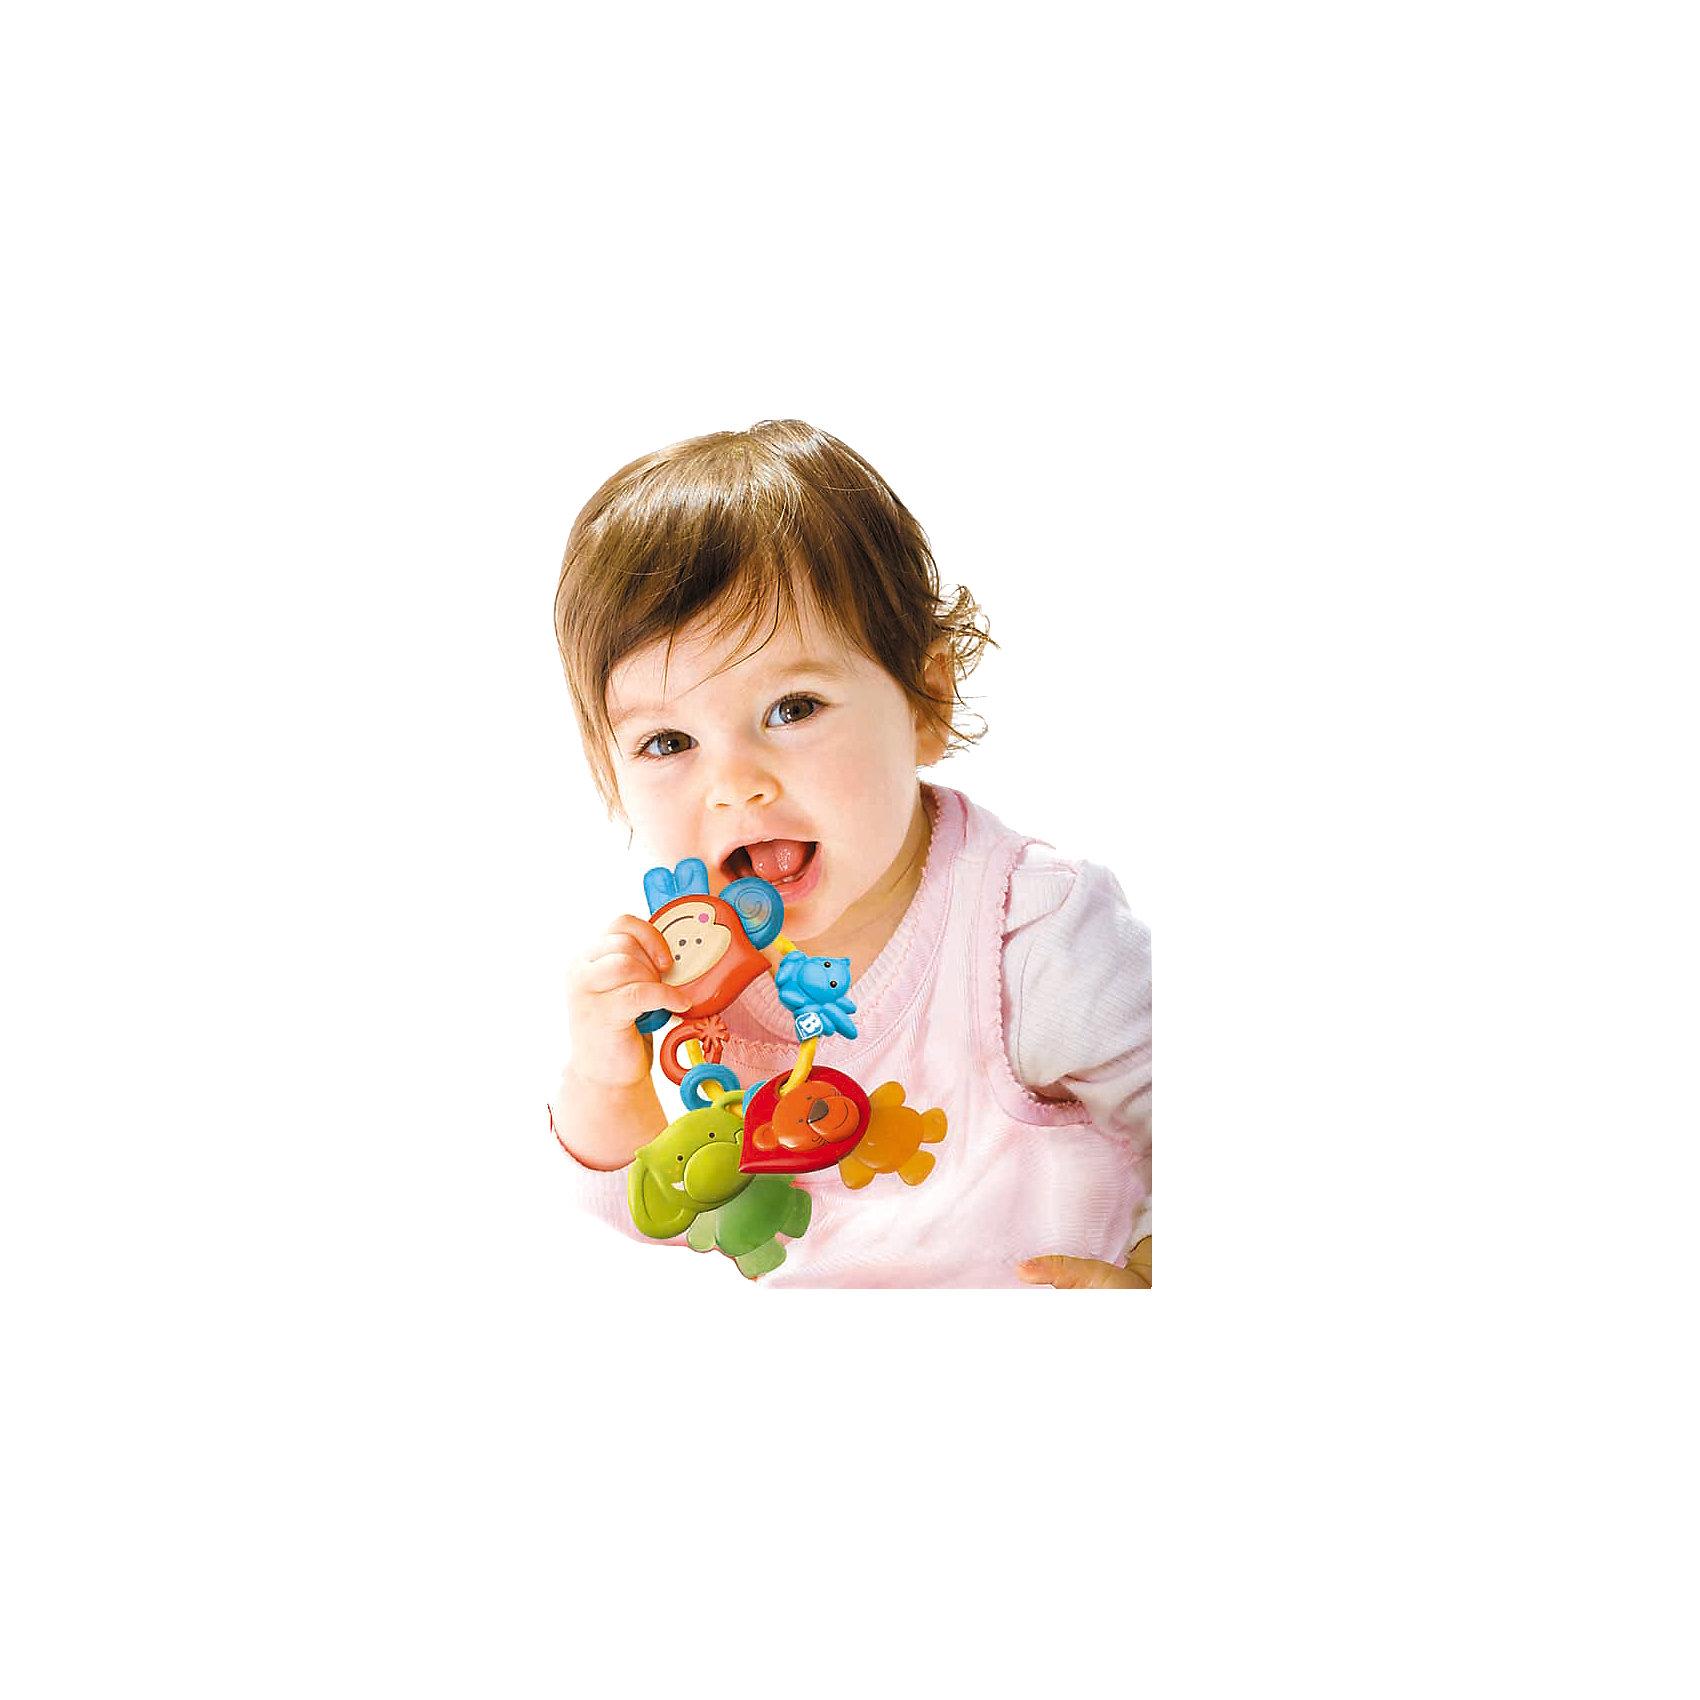 Игрушка Листочки, BkidsИгрушка Листочки, Bkids (Б Кидс) представляет собой три прорезывателя, закрепленных на кольце. Прорезыватели сделаны в виде забавных животных: слоника, обезьянки и  львенка. Яркие игрушки понравятся ребенку и помогут начать изучение цветов. Игрушка изготовлена из безопасных материалов, поэтому она способна помочь ребенку облегчить неприятные ощущения при прорезывании зубов.<br><br>Дополнительная информация:<br>Размер упаковки: 10,16х10,16 см<br><br>Вы можете приобрести игрушку Листочки, Bkids( Б Кидс) в нашем интернет-магазине.<br><br>Ширина мм: 176<br>Глубина мм: 121<br>Высота мм: 78<br>Вес г: 101<br>Возраст от месяцев: 3<br>Возраст до месяцев: 18<br>Пол: Унисекс<br>Возраст: Детский<br>SKU: 4159348